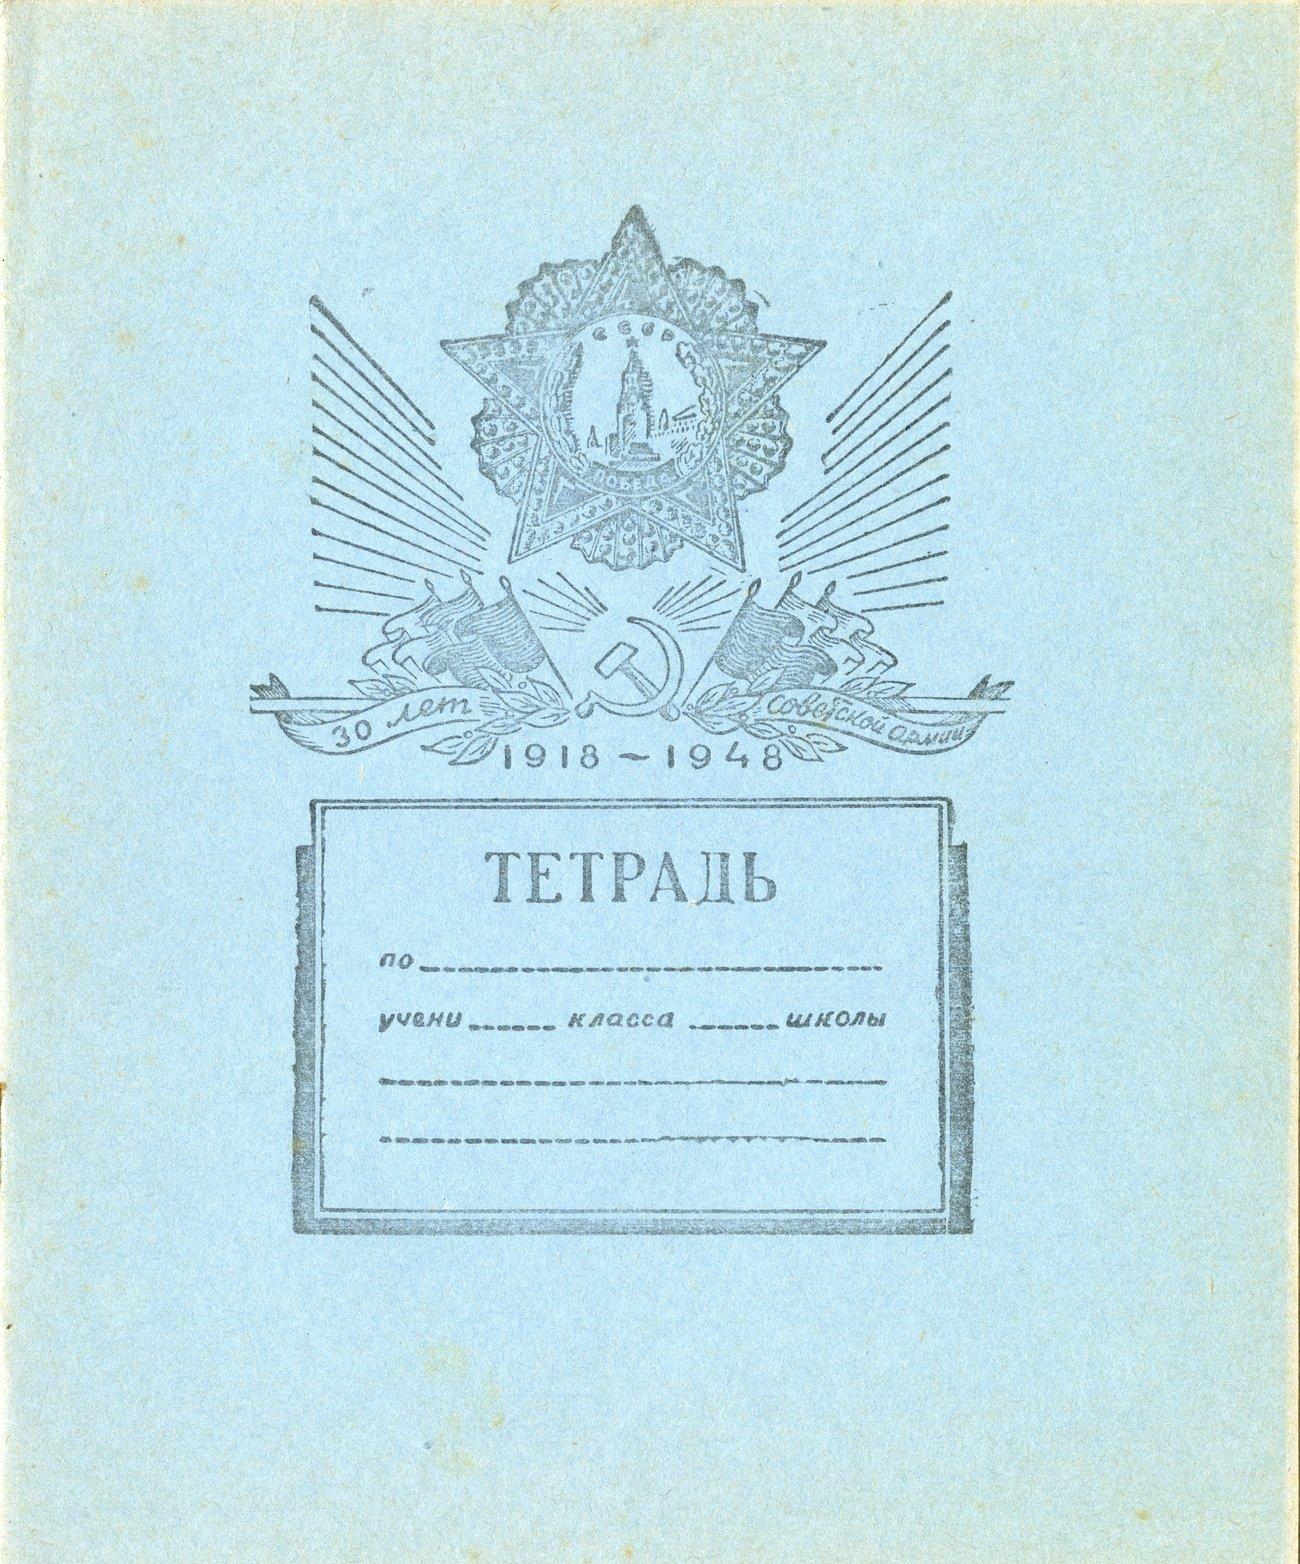 Тетрадь 1948 1